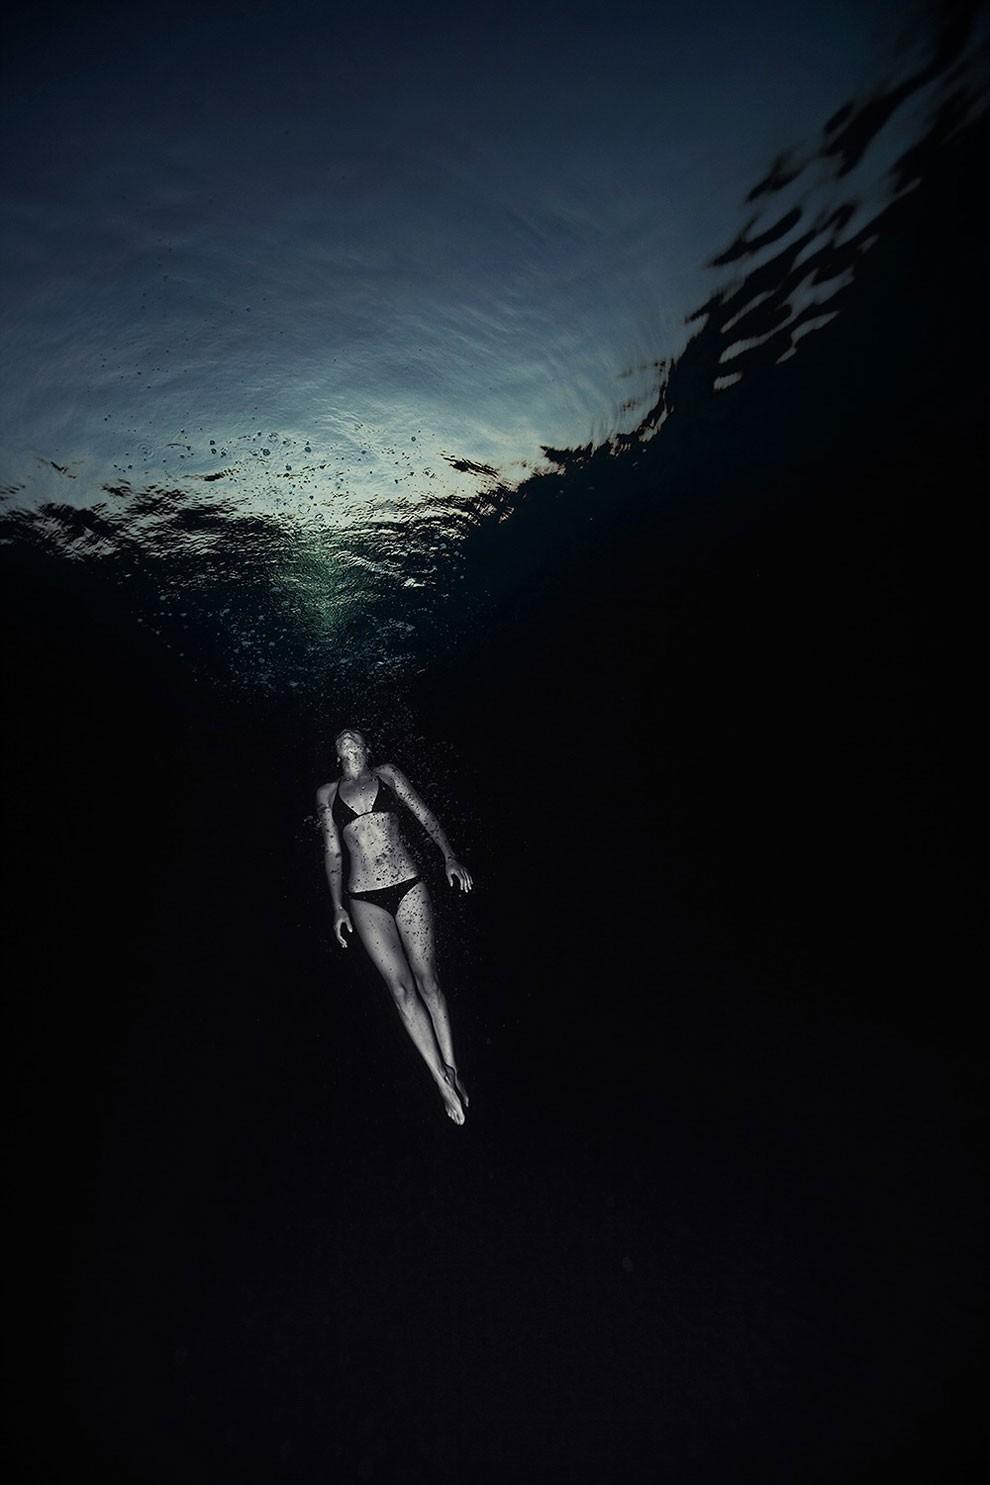 fotografia-subacquea-enric-adrian-gener-27mm-17